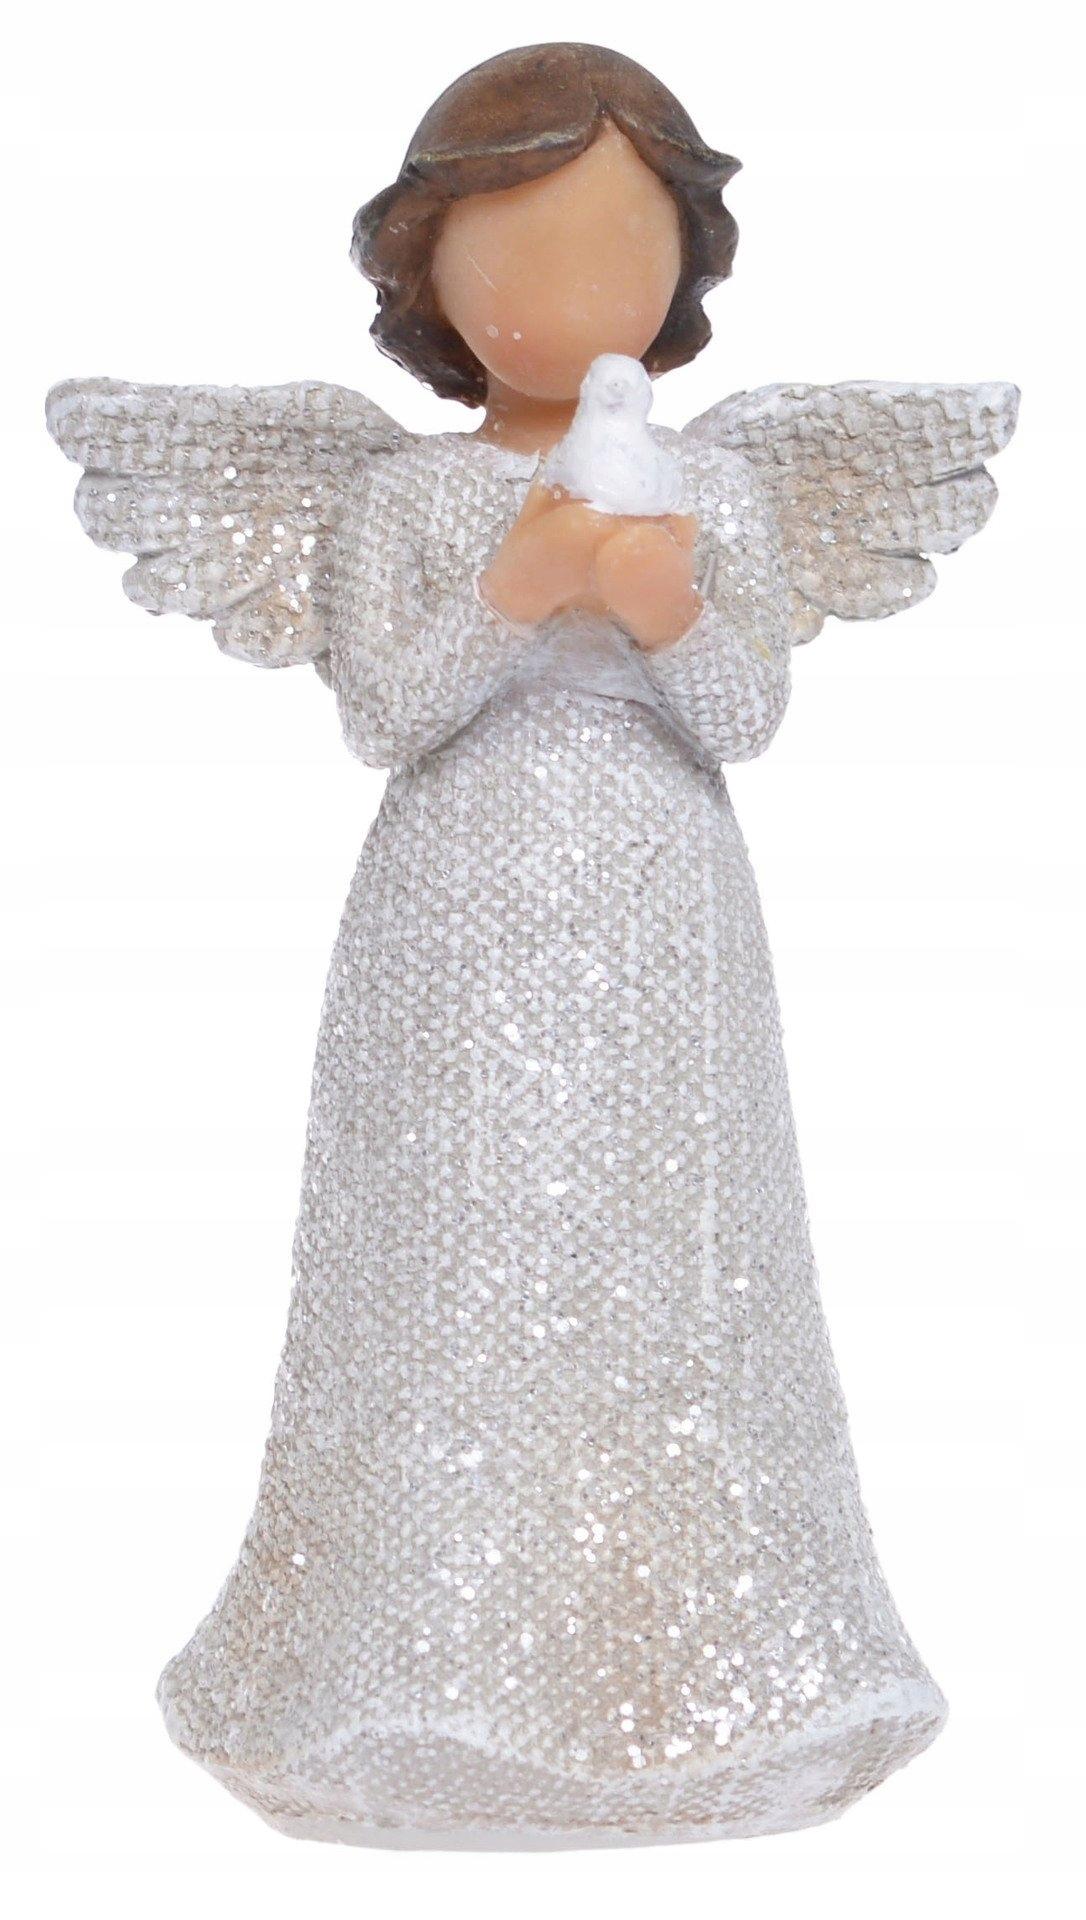 Миниатюрная фигурка ангела с голубем 12 см